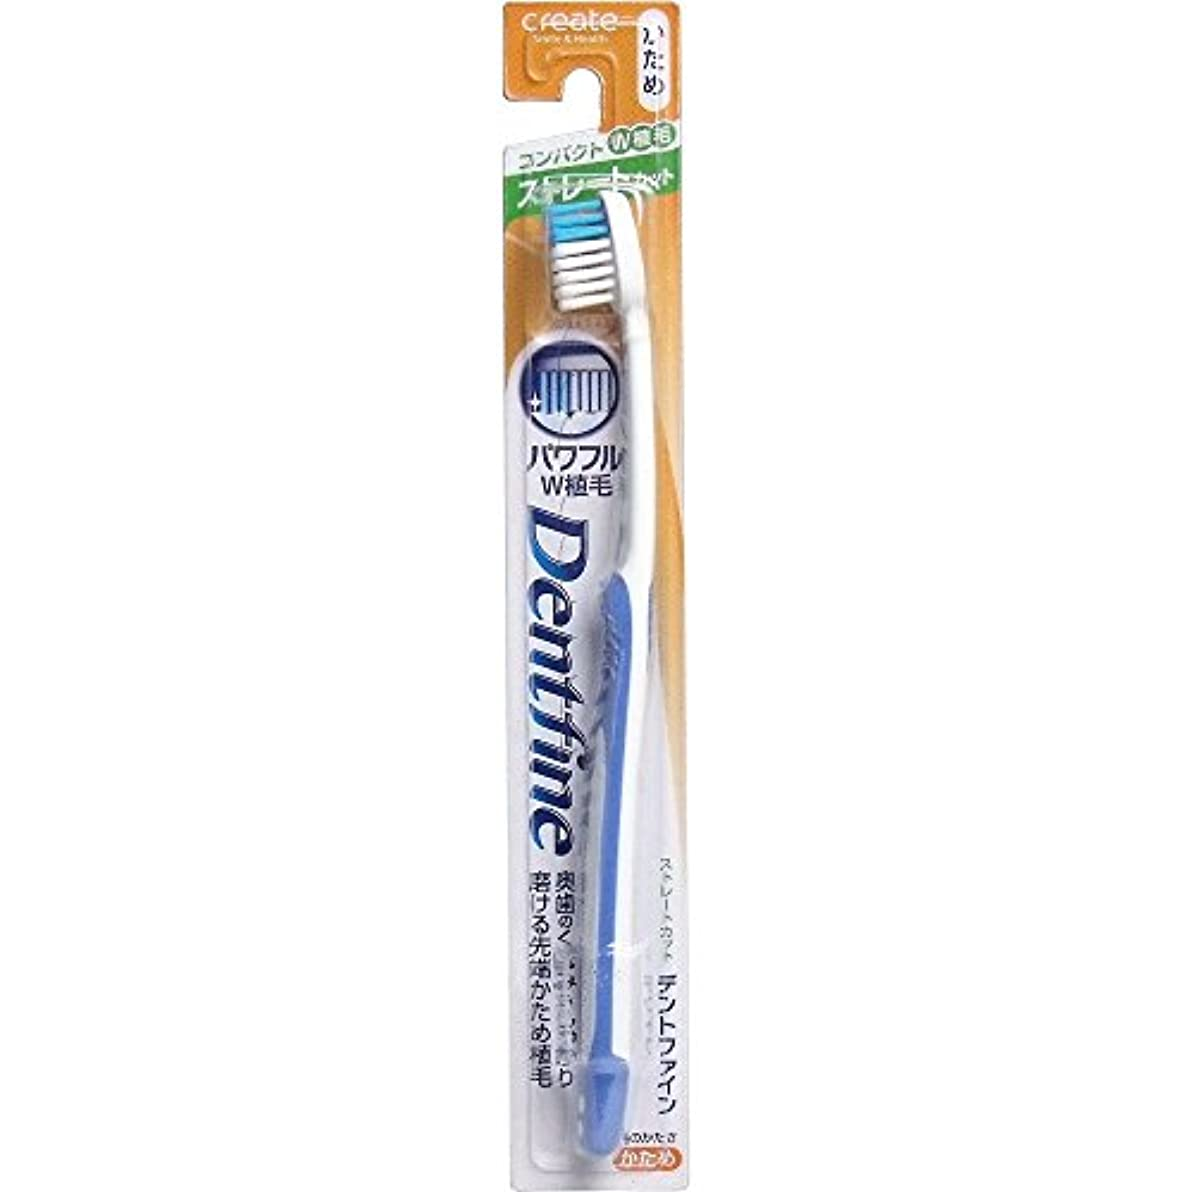 等価不適切なスクラップブックデントファイン ラバーグリップ ストレートカット 歯ブラシ かため 1本:ブルー